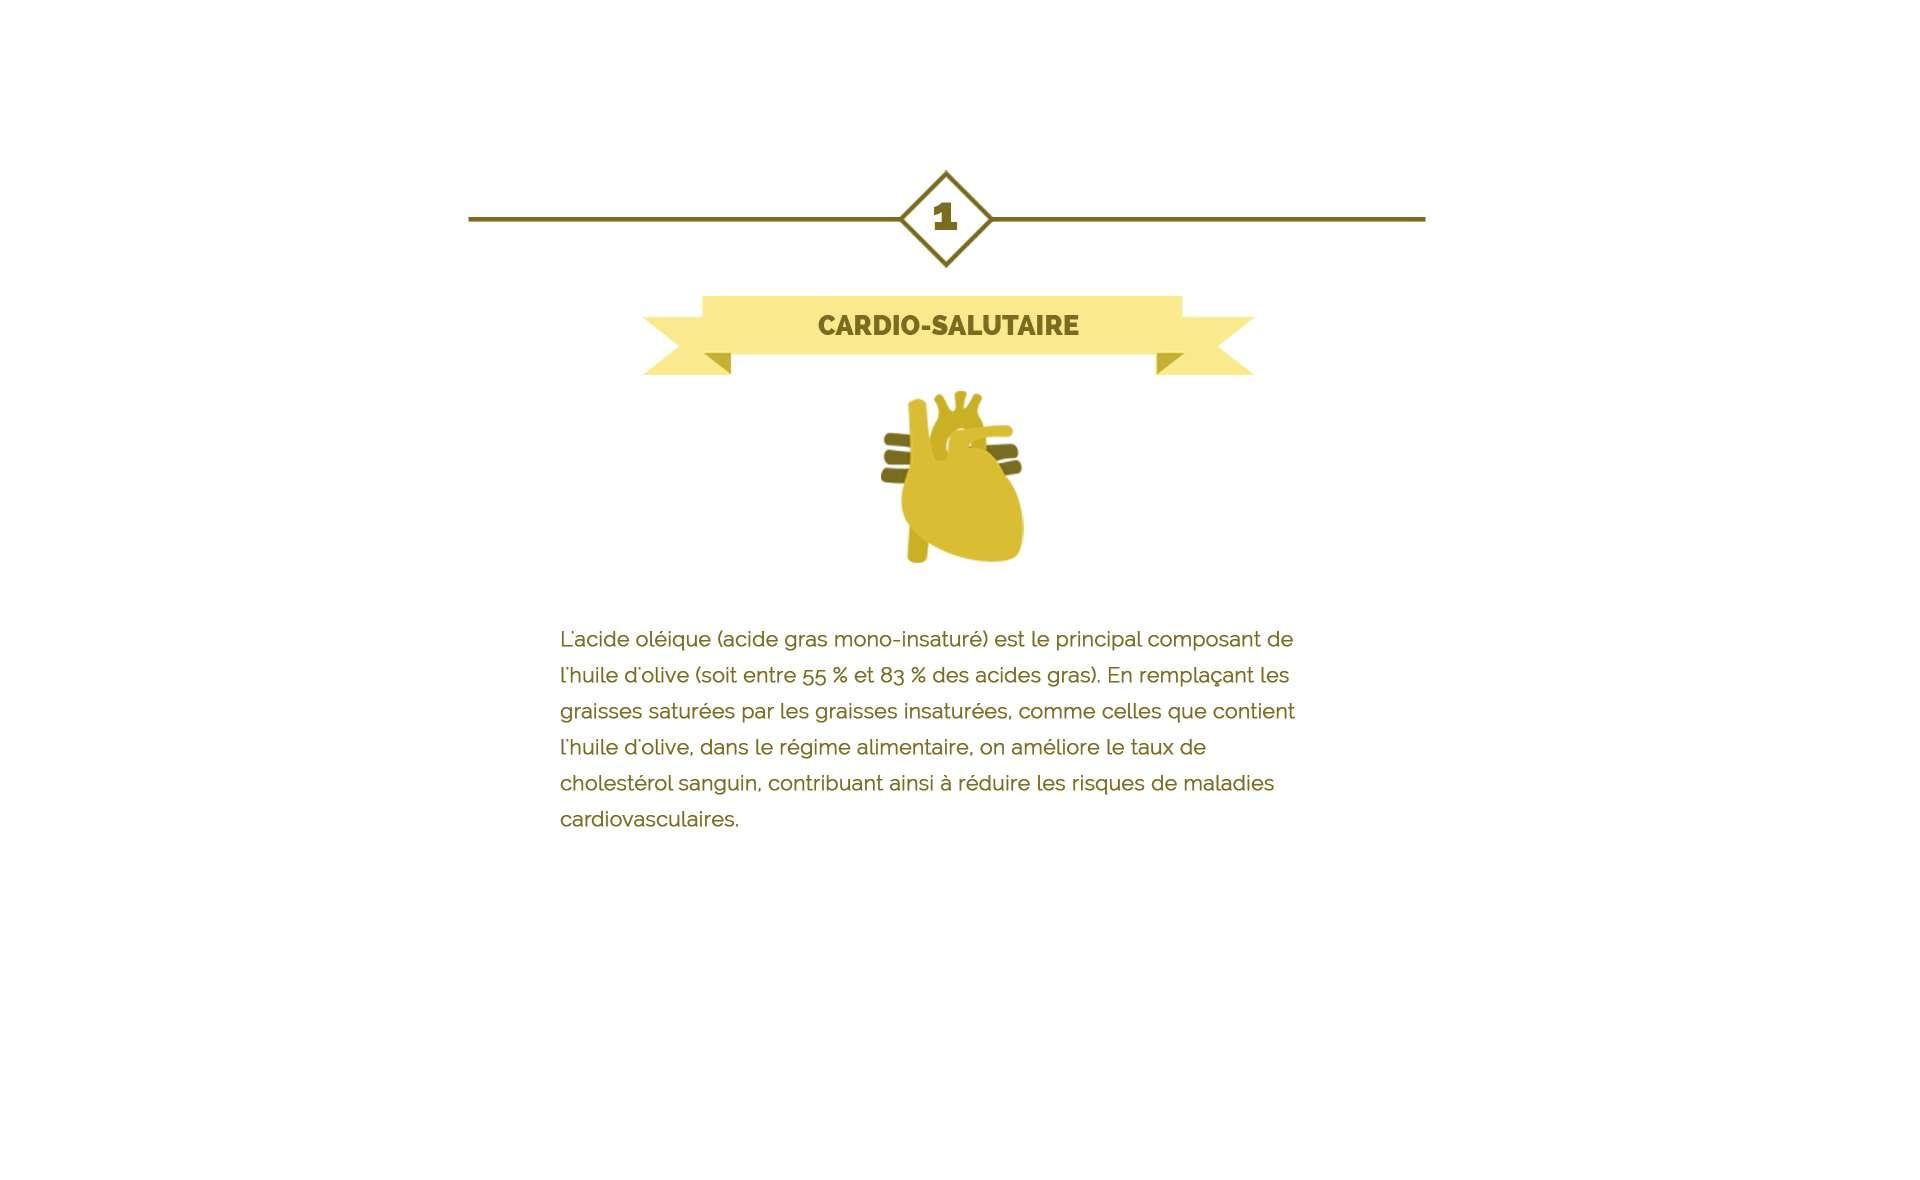 L'acide oléique est un composant de l'huile d'olive